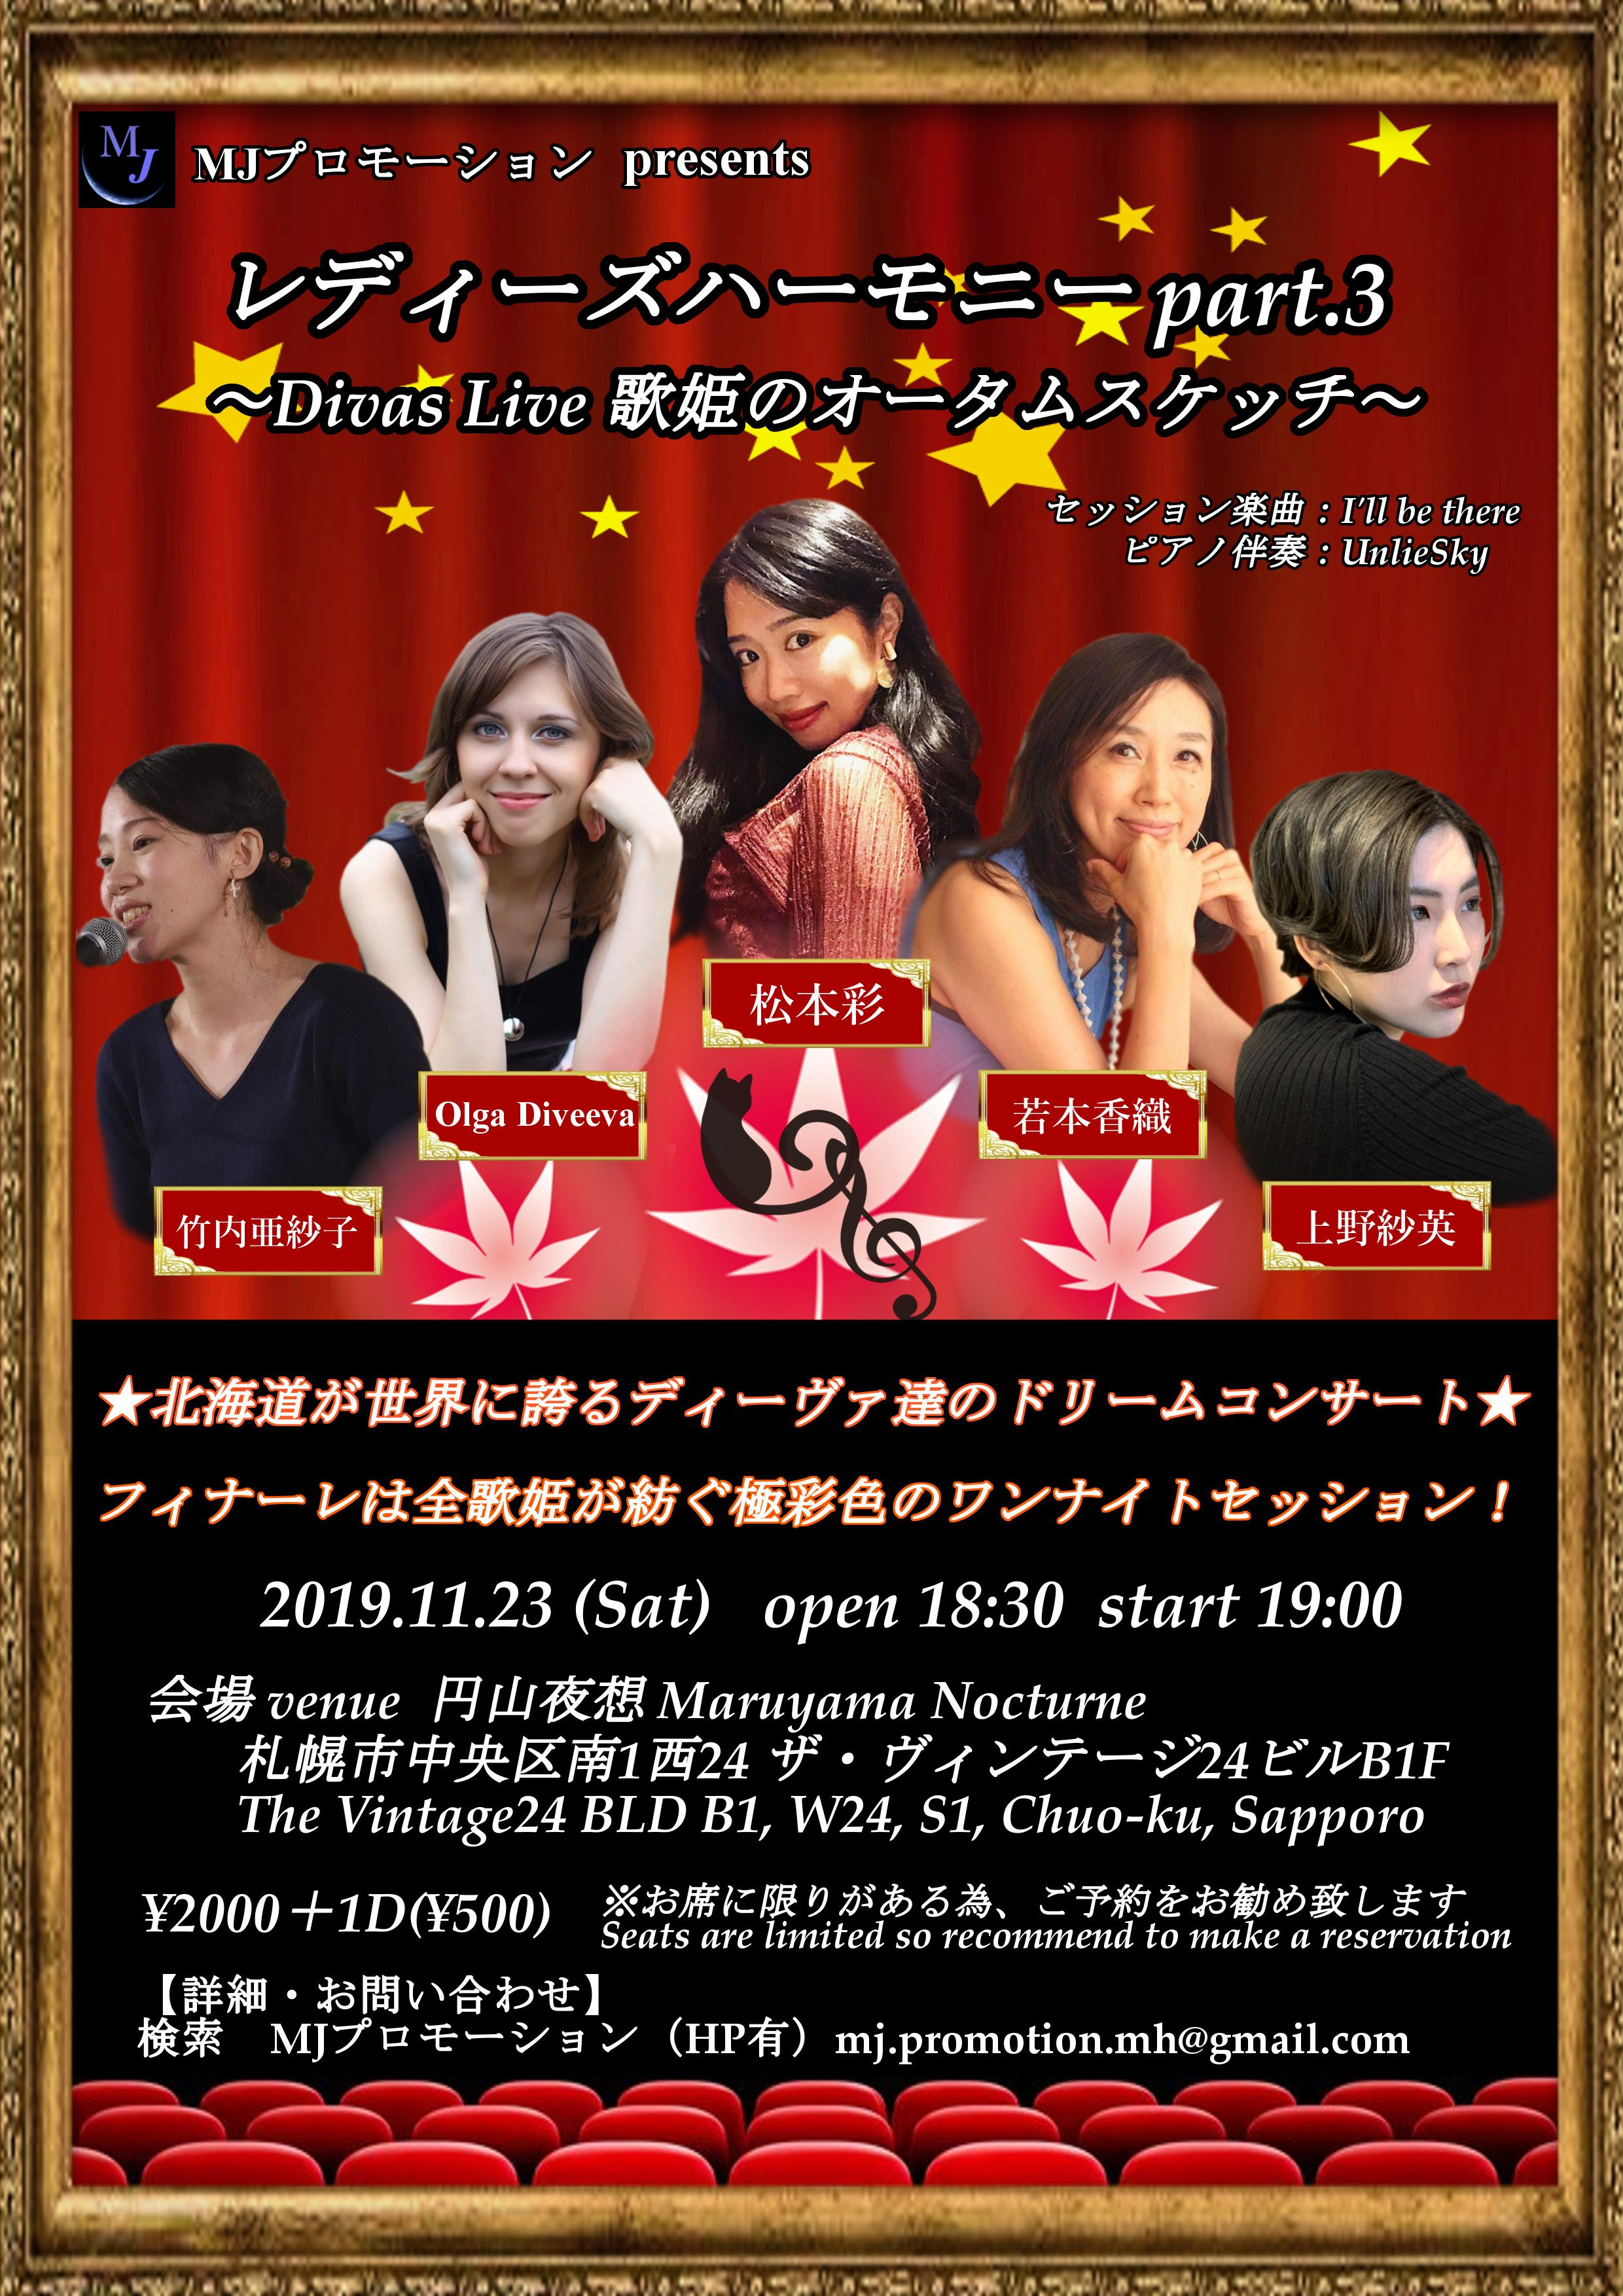 レディーズハーモニー Divas Live ~歌姫のオータムスケッチ~ イメージ画像